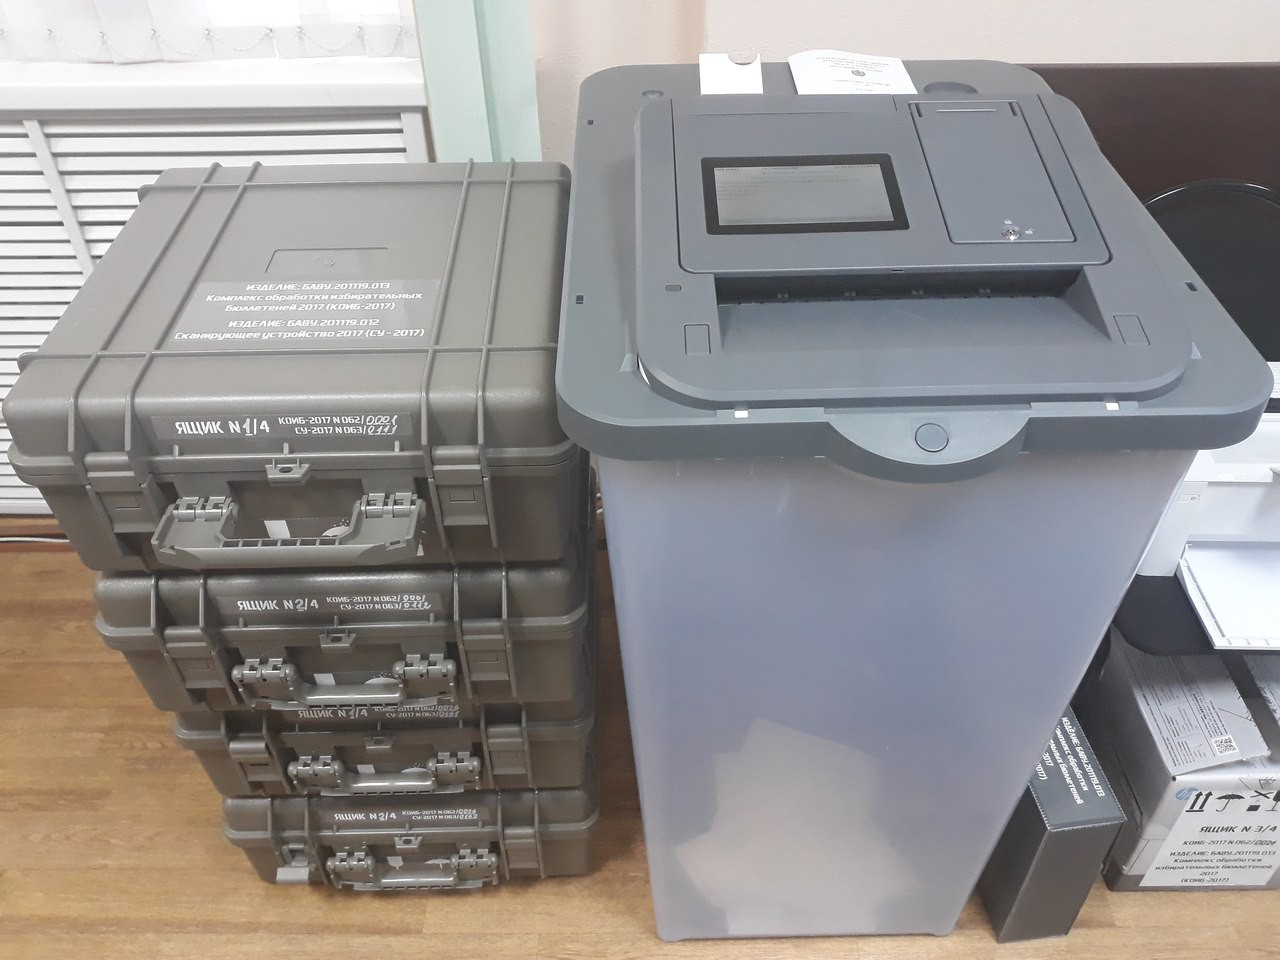 18 избирательных участков вкамчатской столице оборудованы КОИбами